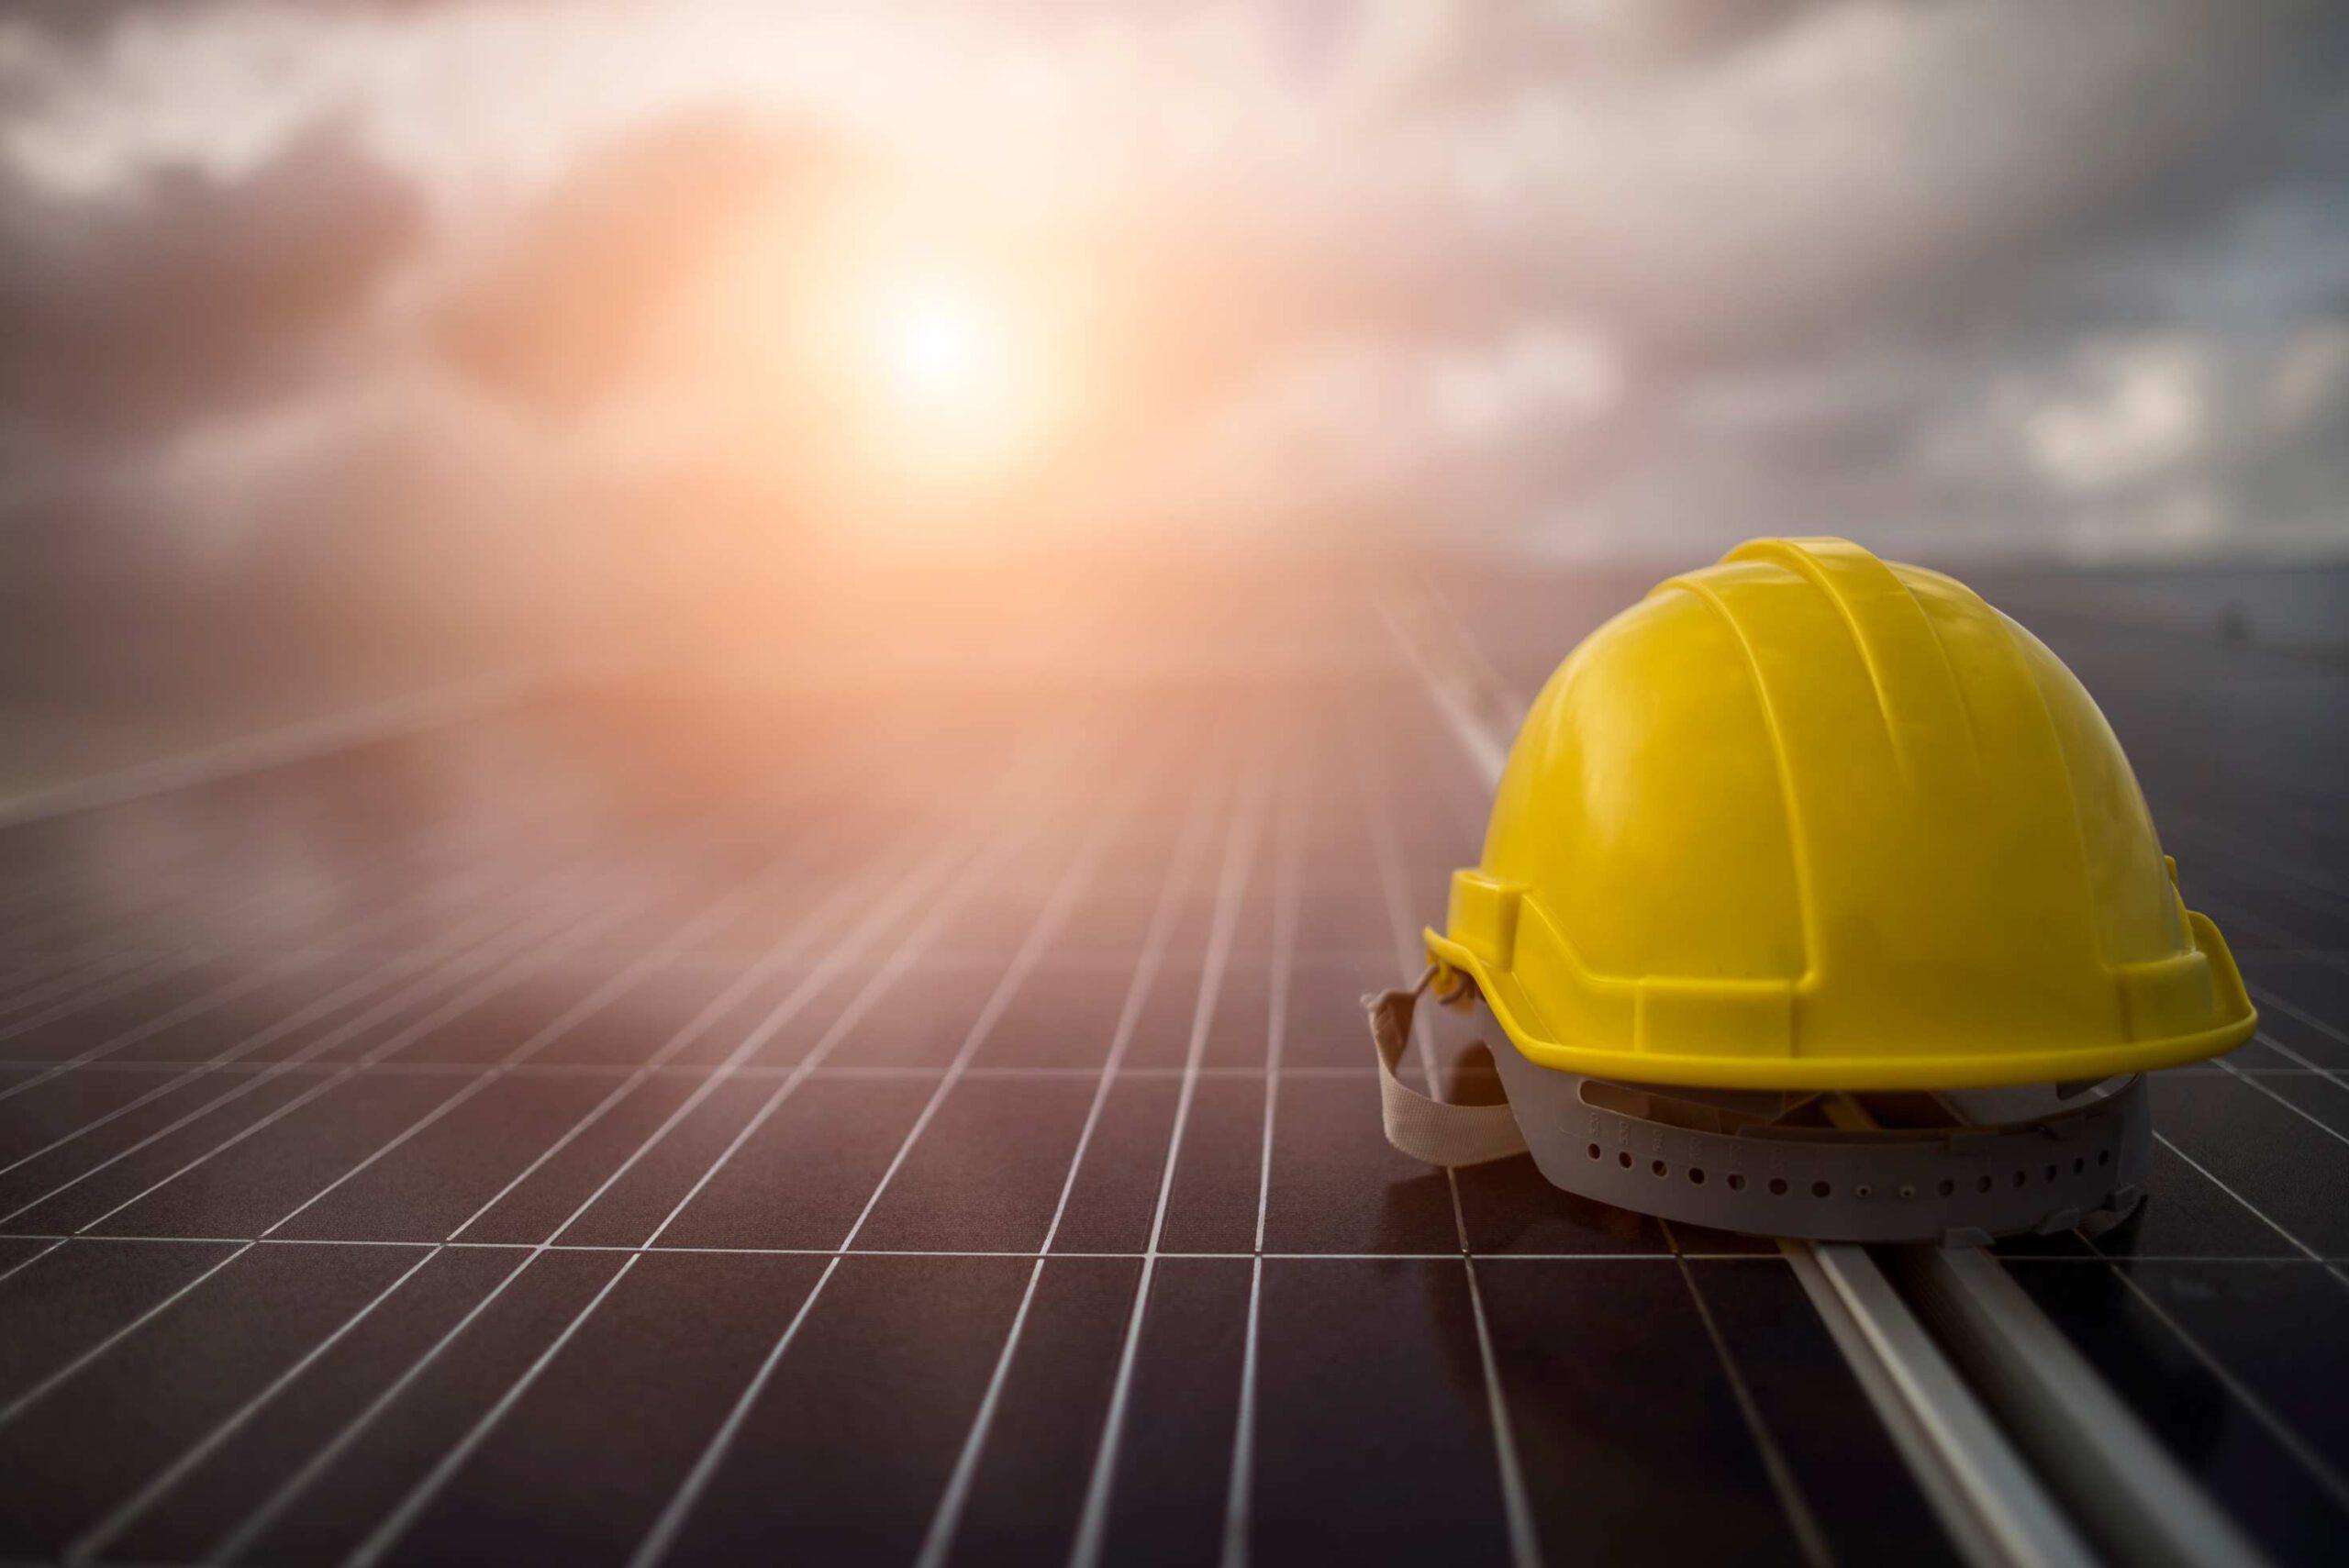 İş Sağlığı ve Güvenliği Ölçümleri